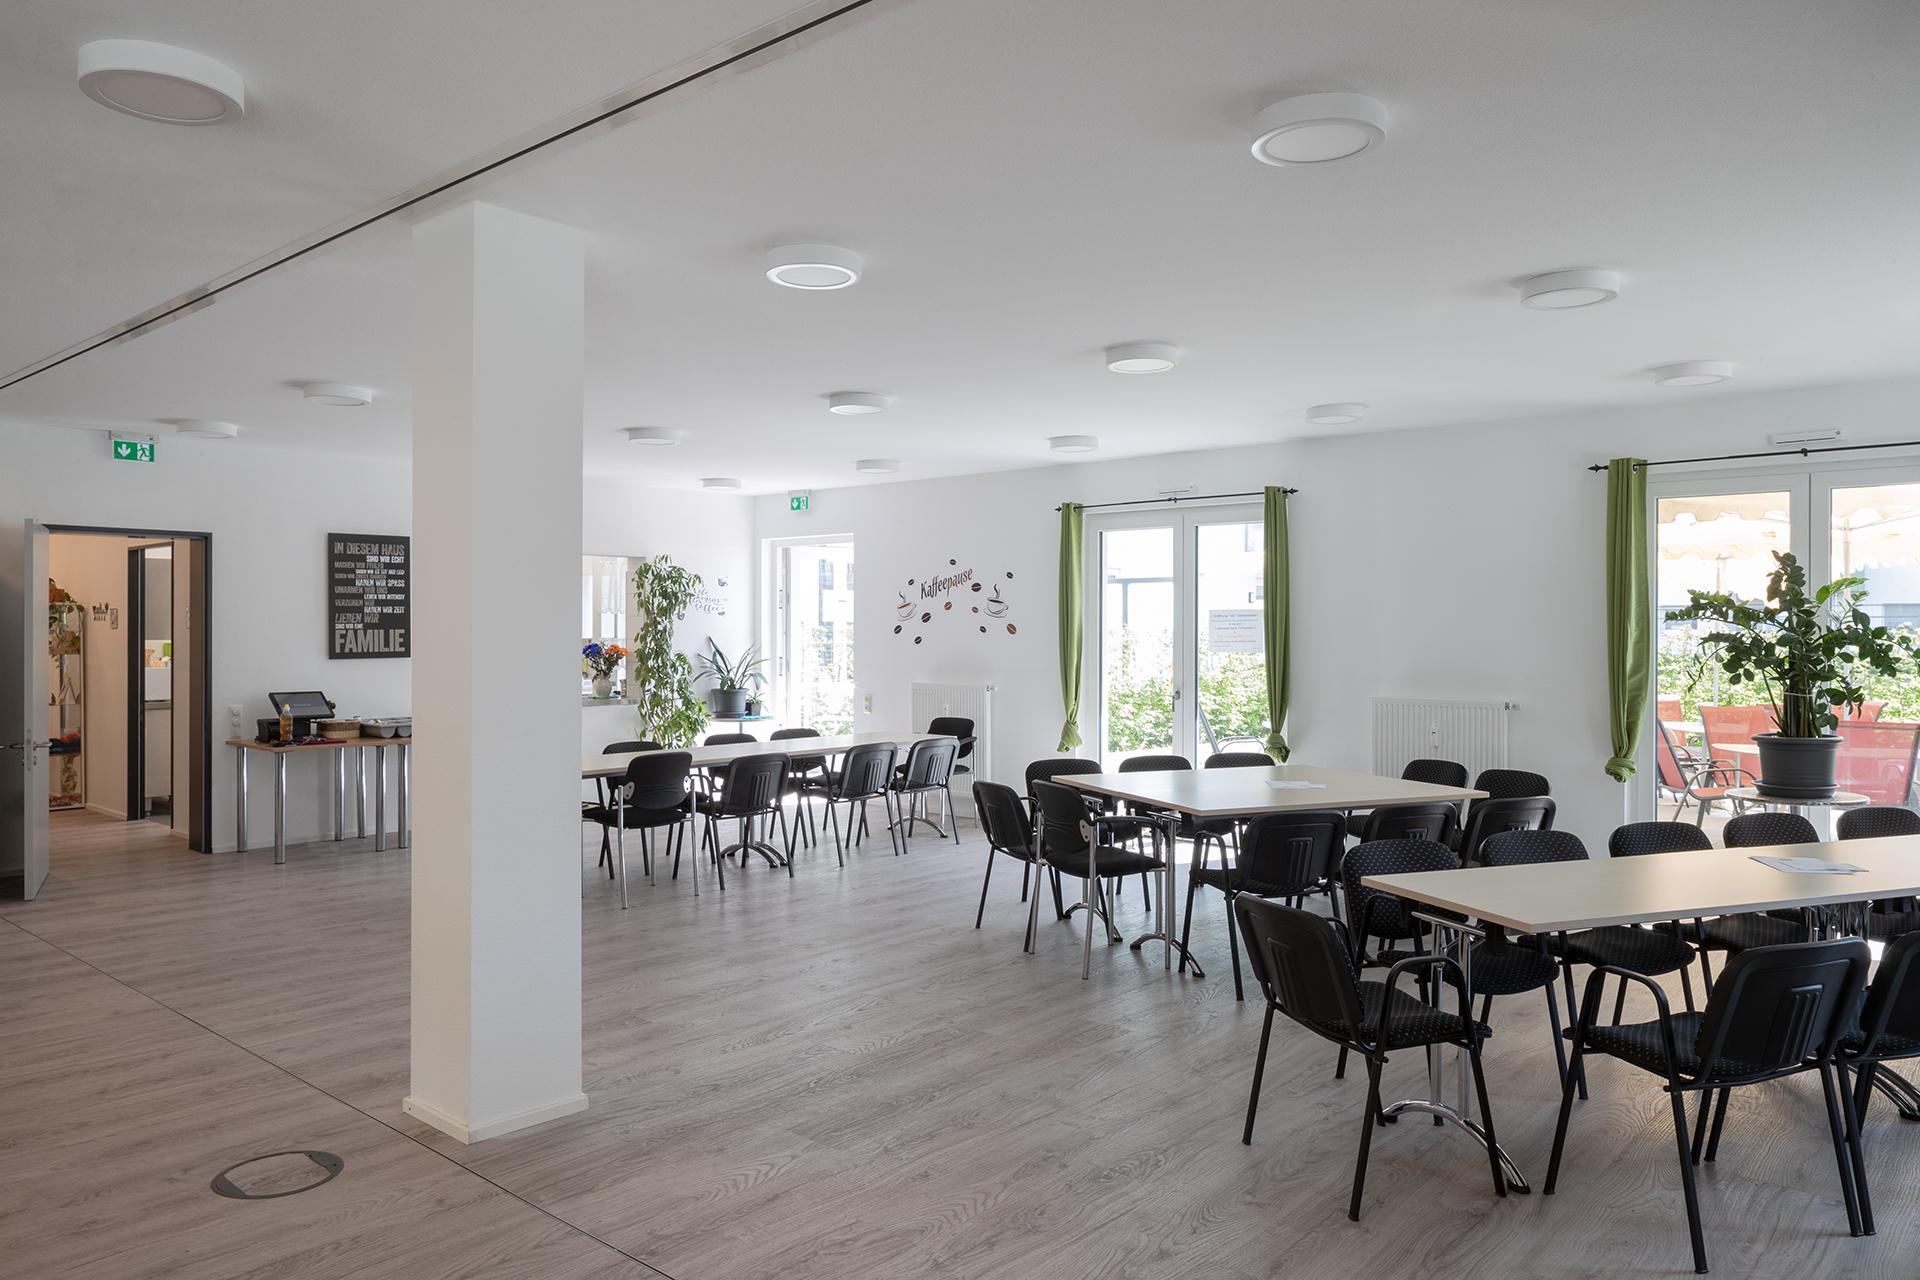 37 Neubau Mietwohnungen In Offenbach